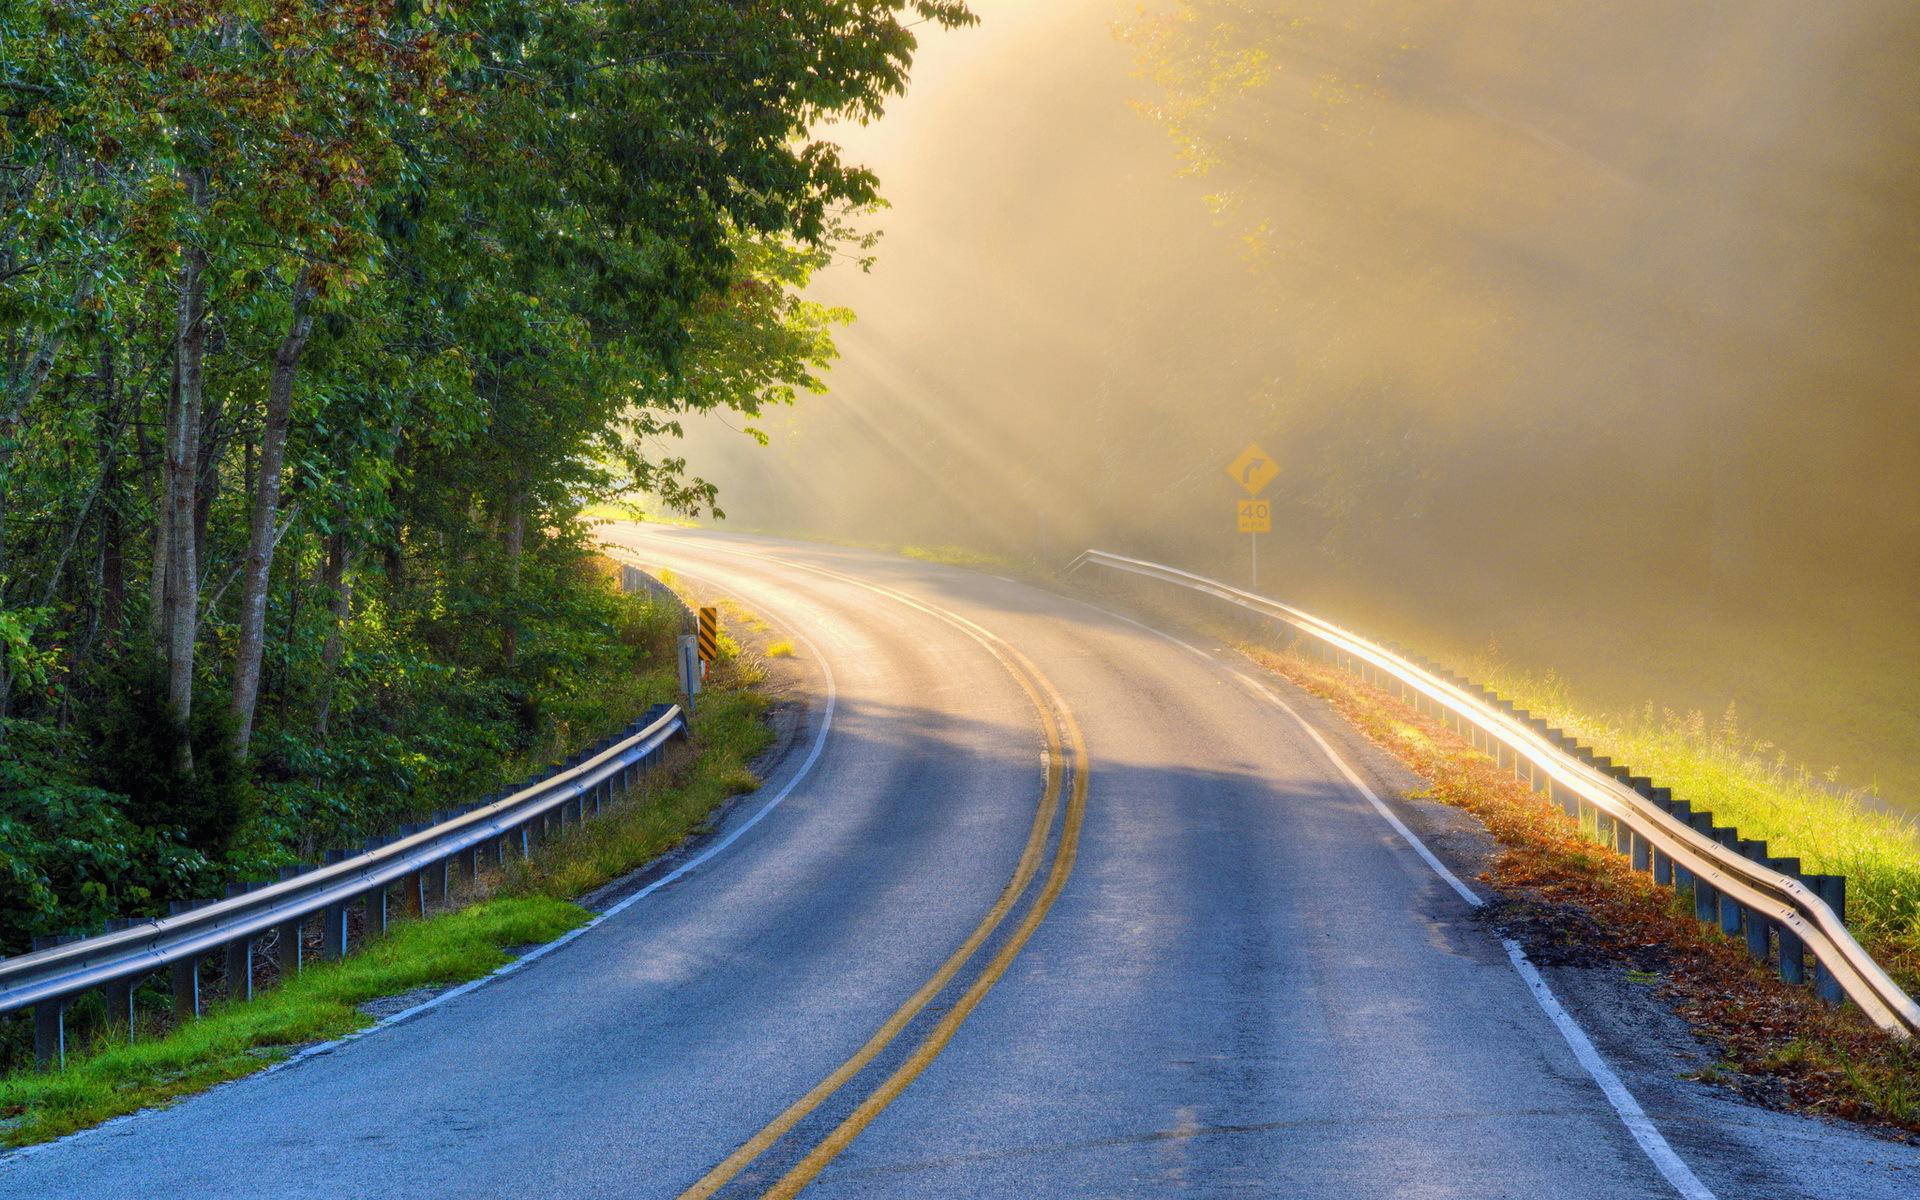 Картинки пожеланием, открытка красивая дорога жизни